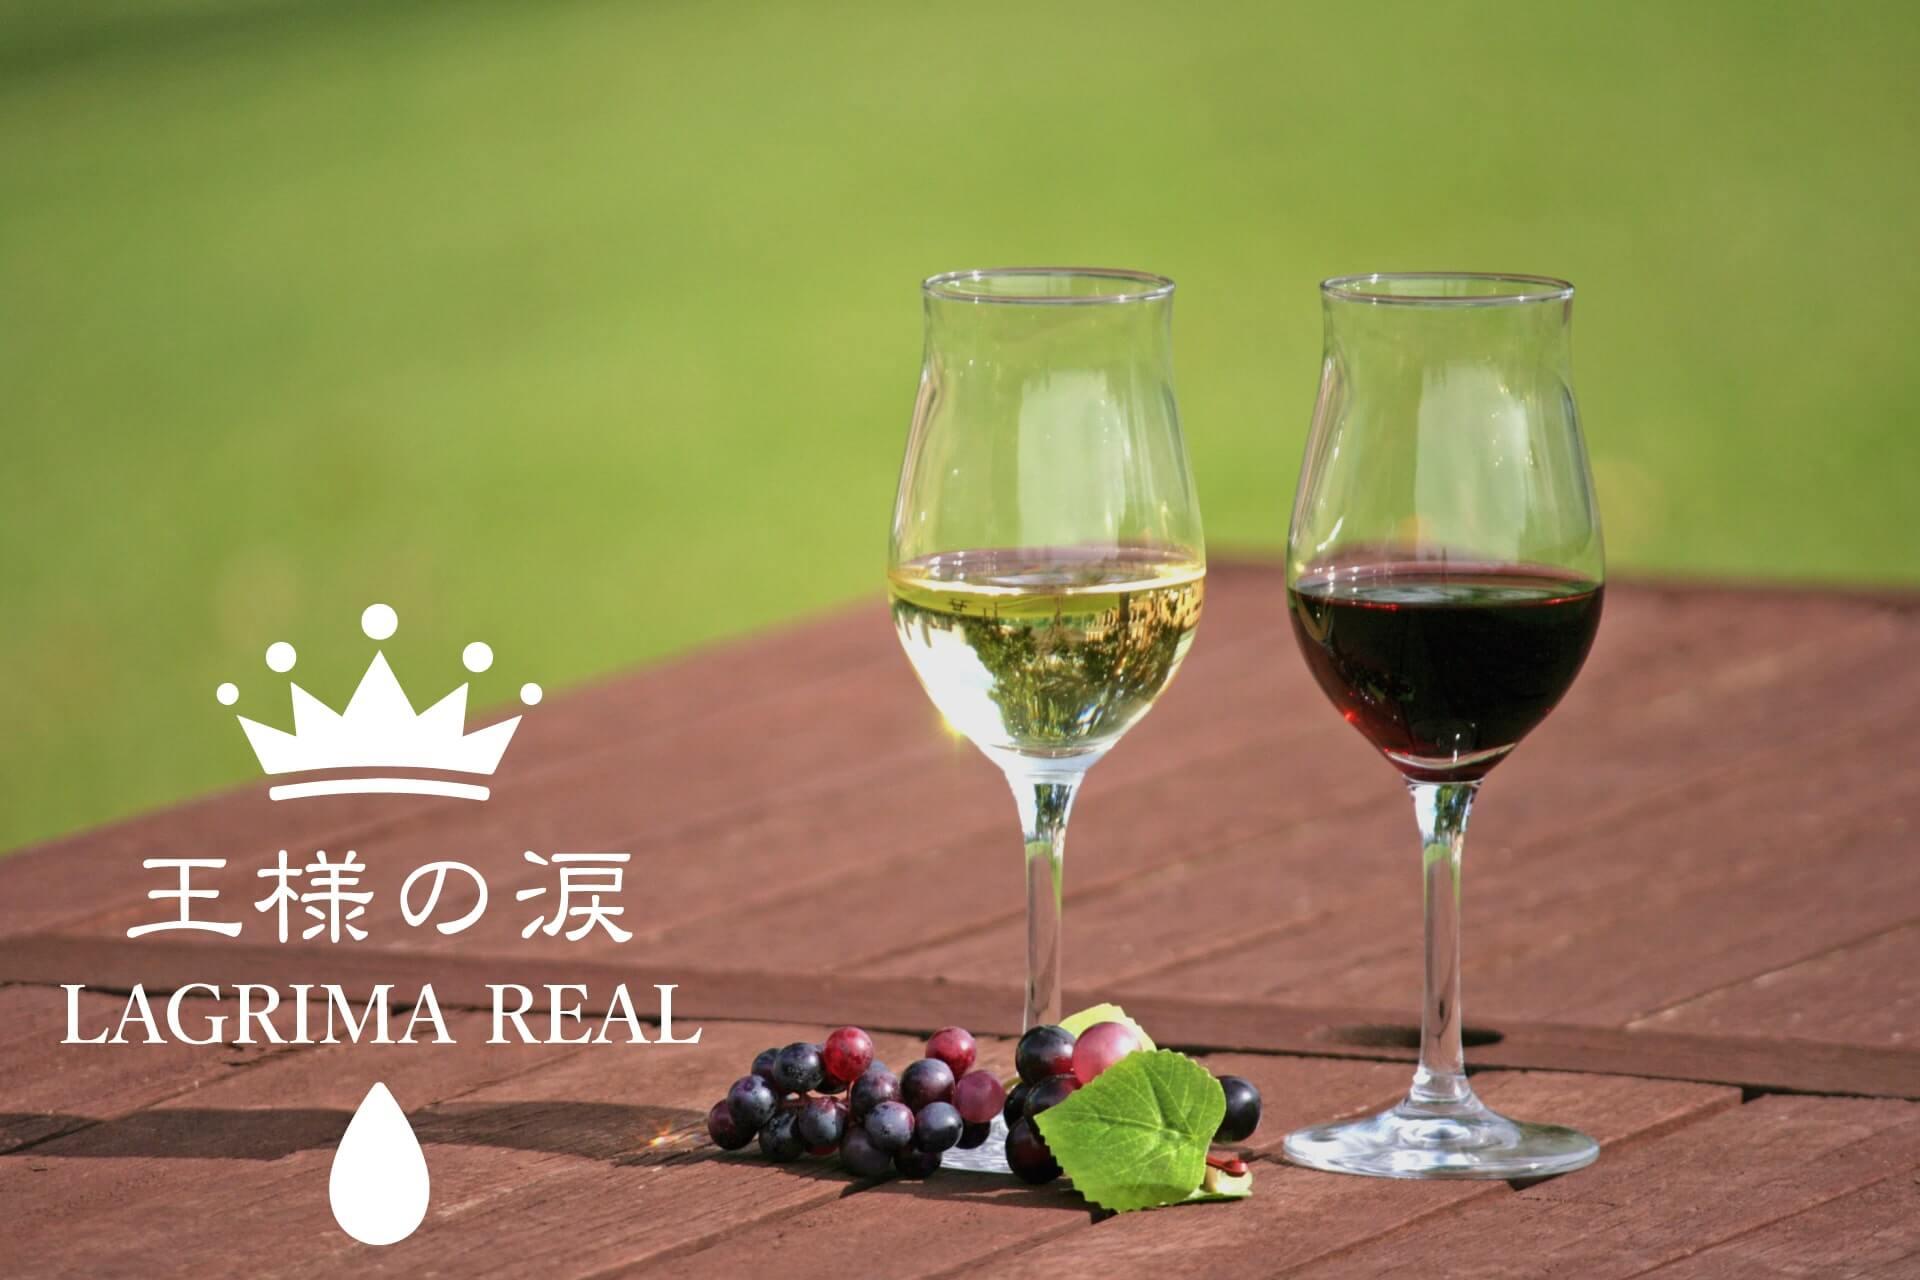 王様の涙(ワイン)のメインビジュアルの画像